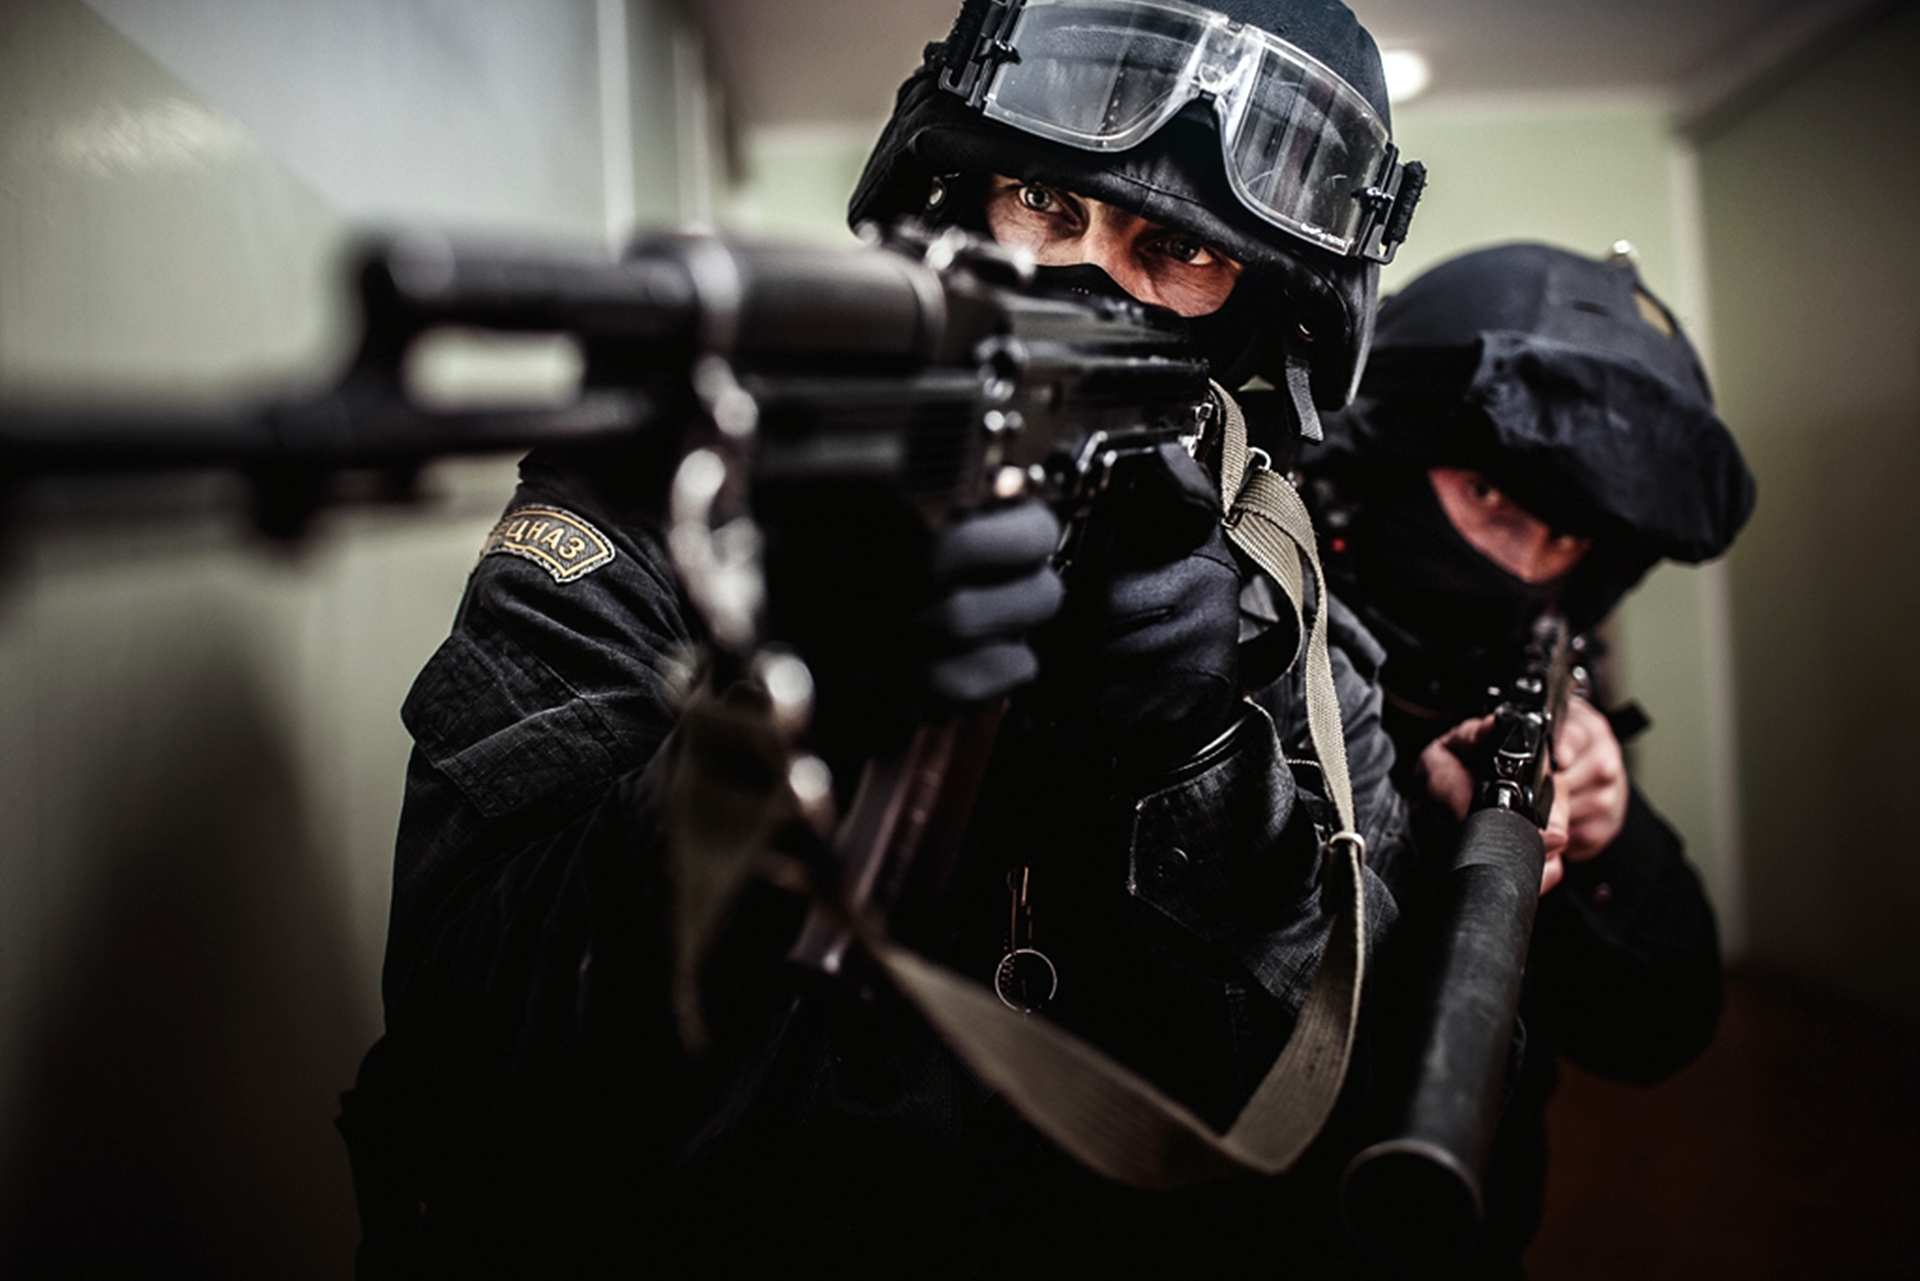 Русский спецназ прибыл из Украины и сыграл решающую роль в освобождении Алеппо, — WSJ (ФОТО, ВИДЕО) | Русская весна